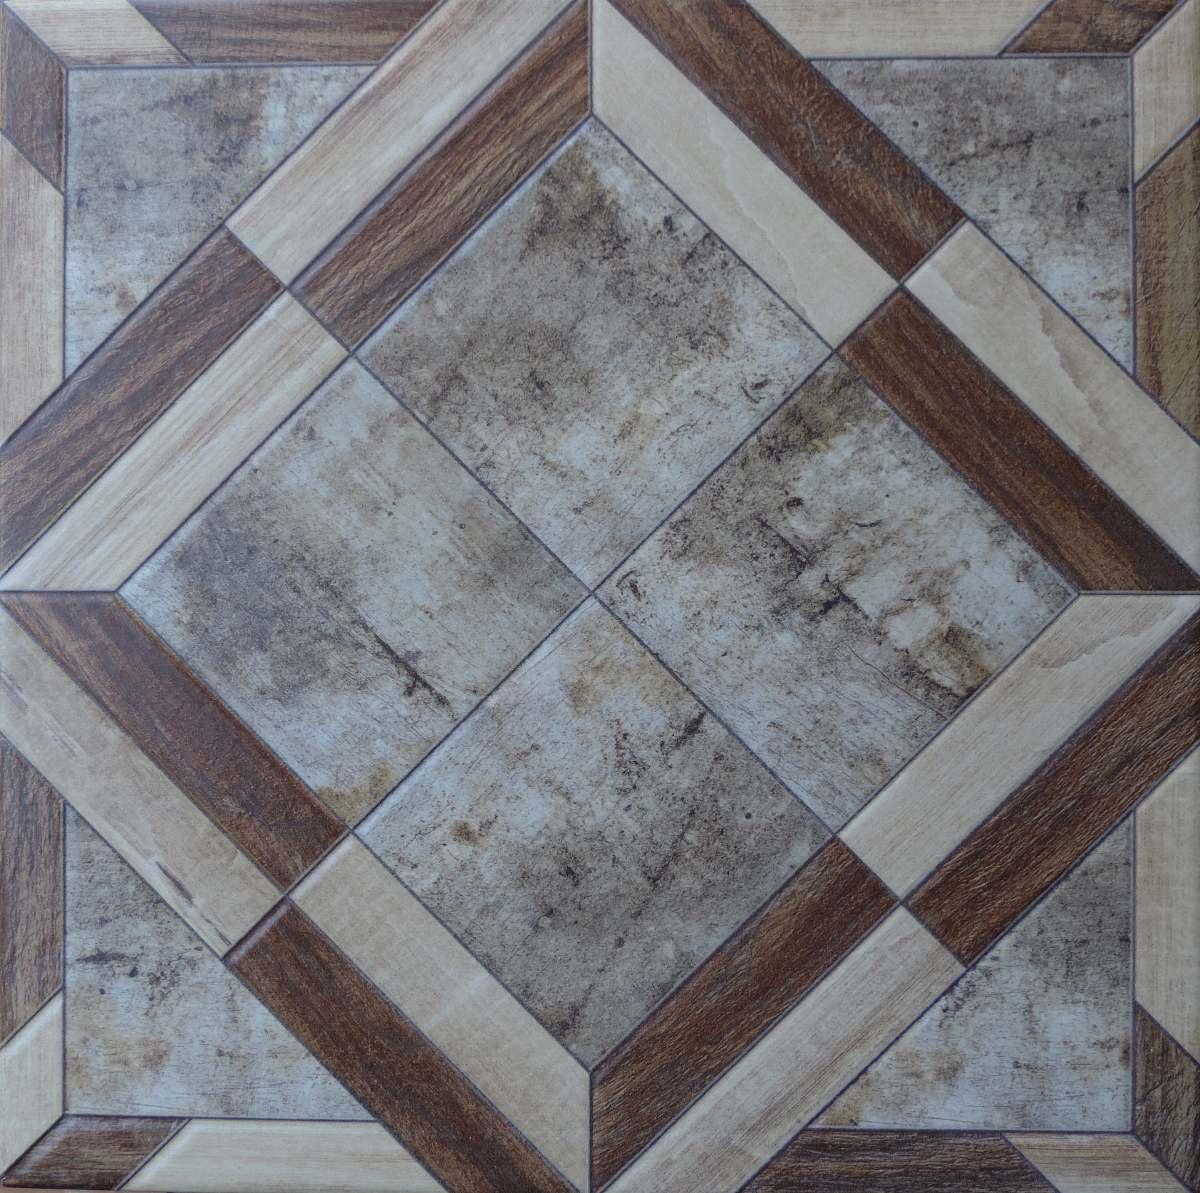 Ceramica piso pared rustica calidad primera ceramicasuy for Ceramicas rusticas para pisos